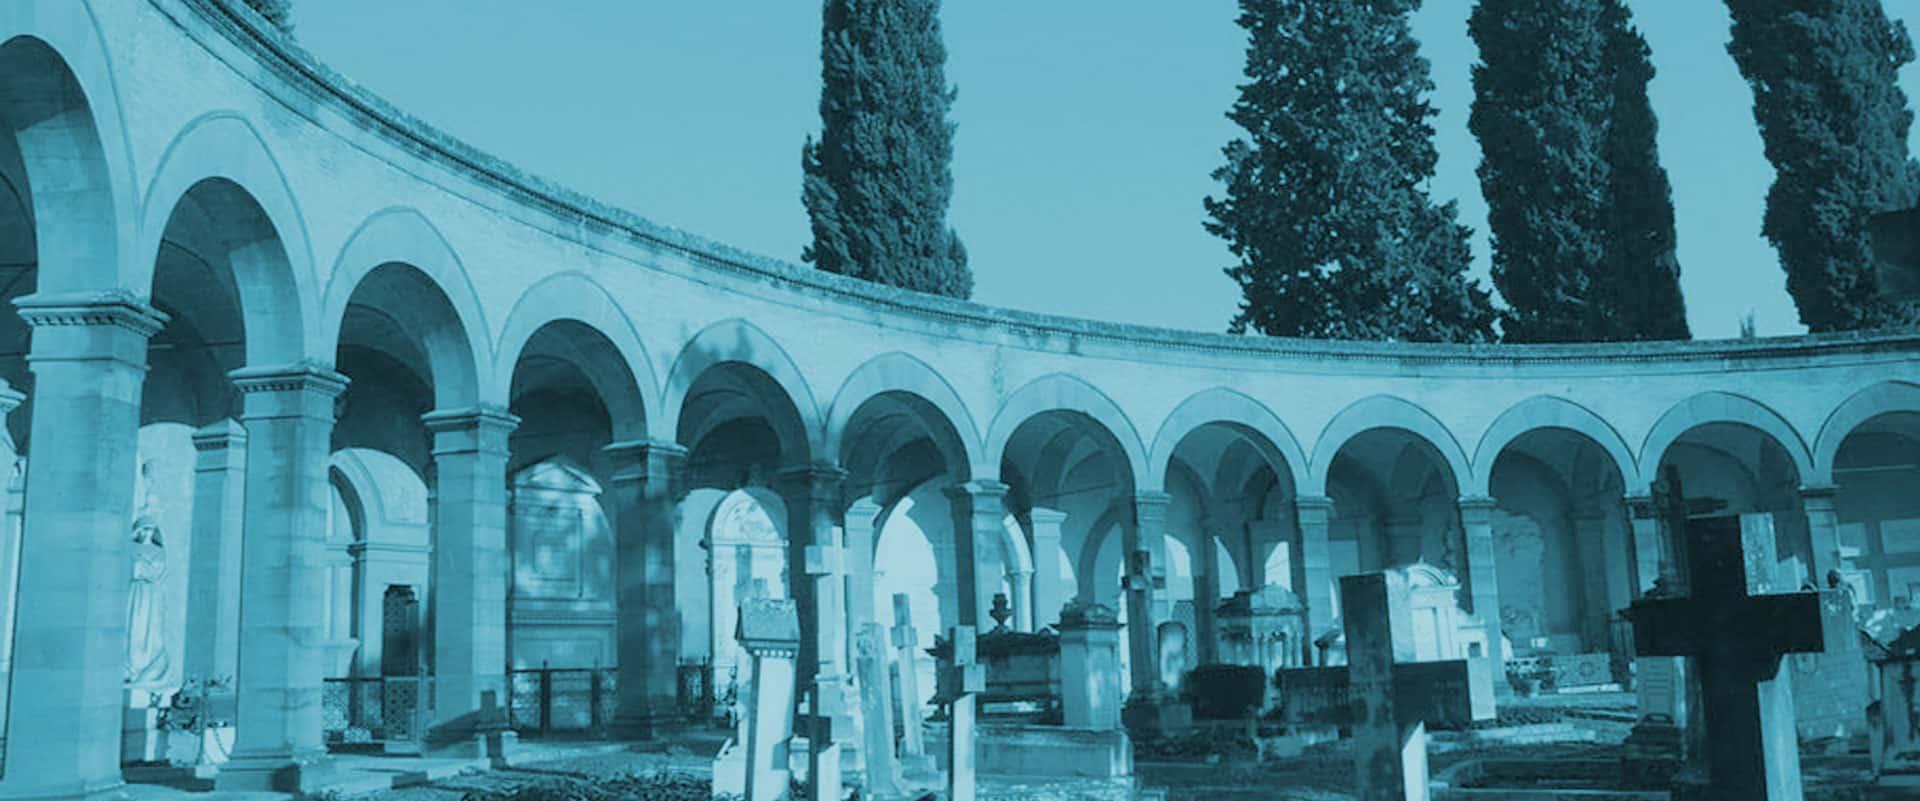 Cimitero agli Allori